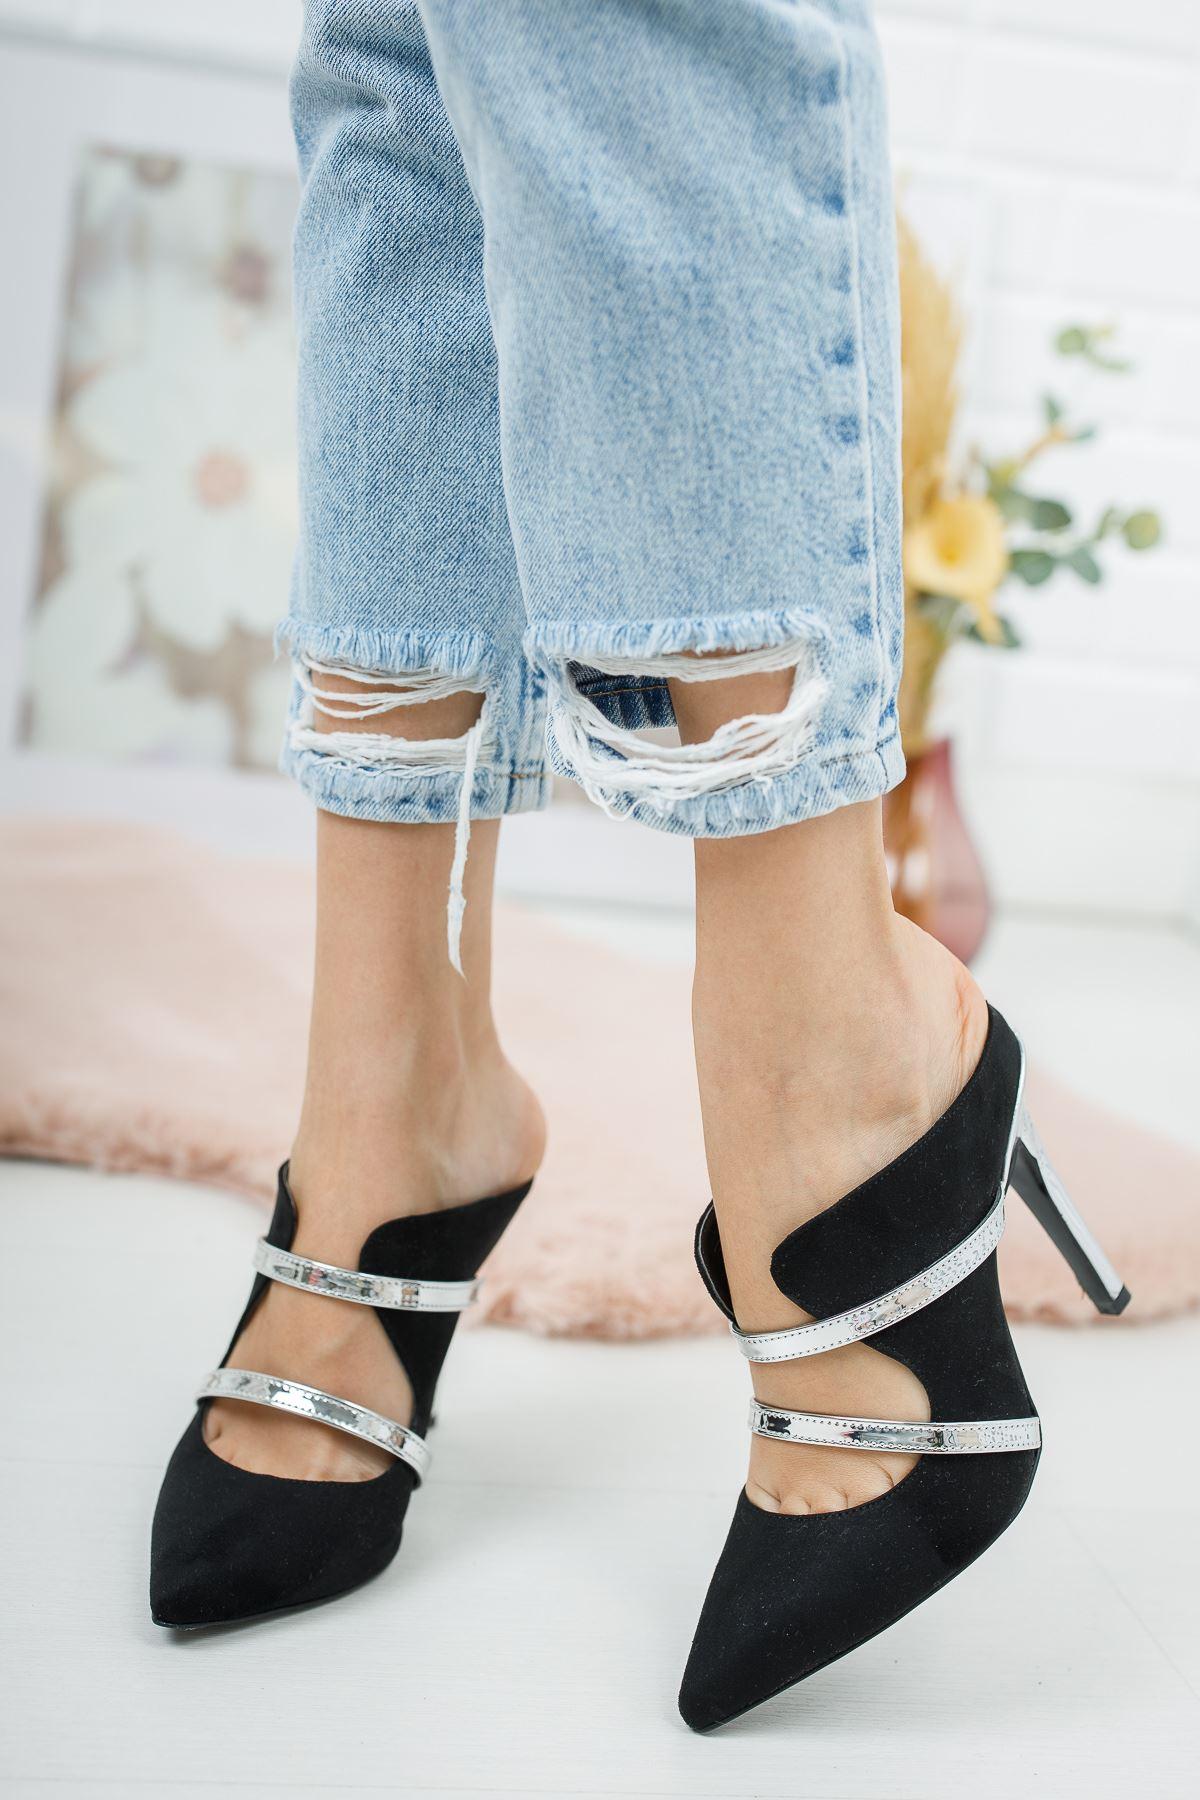 Elenas Siyah Süet Kadın Topuklu Ayakkabı